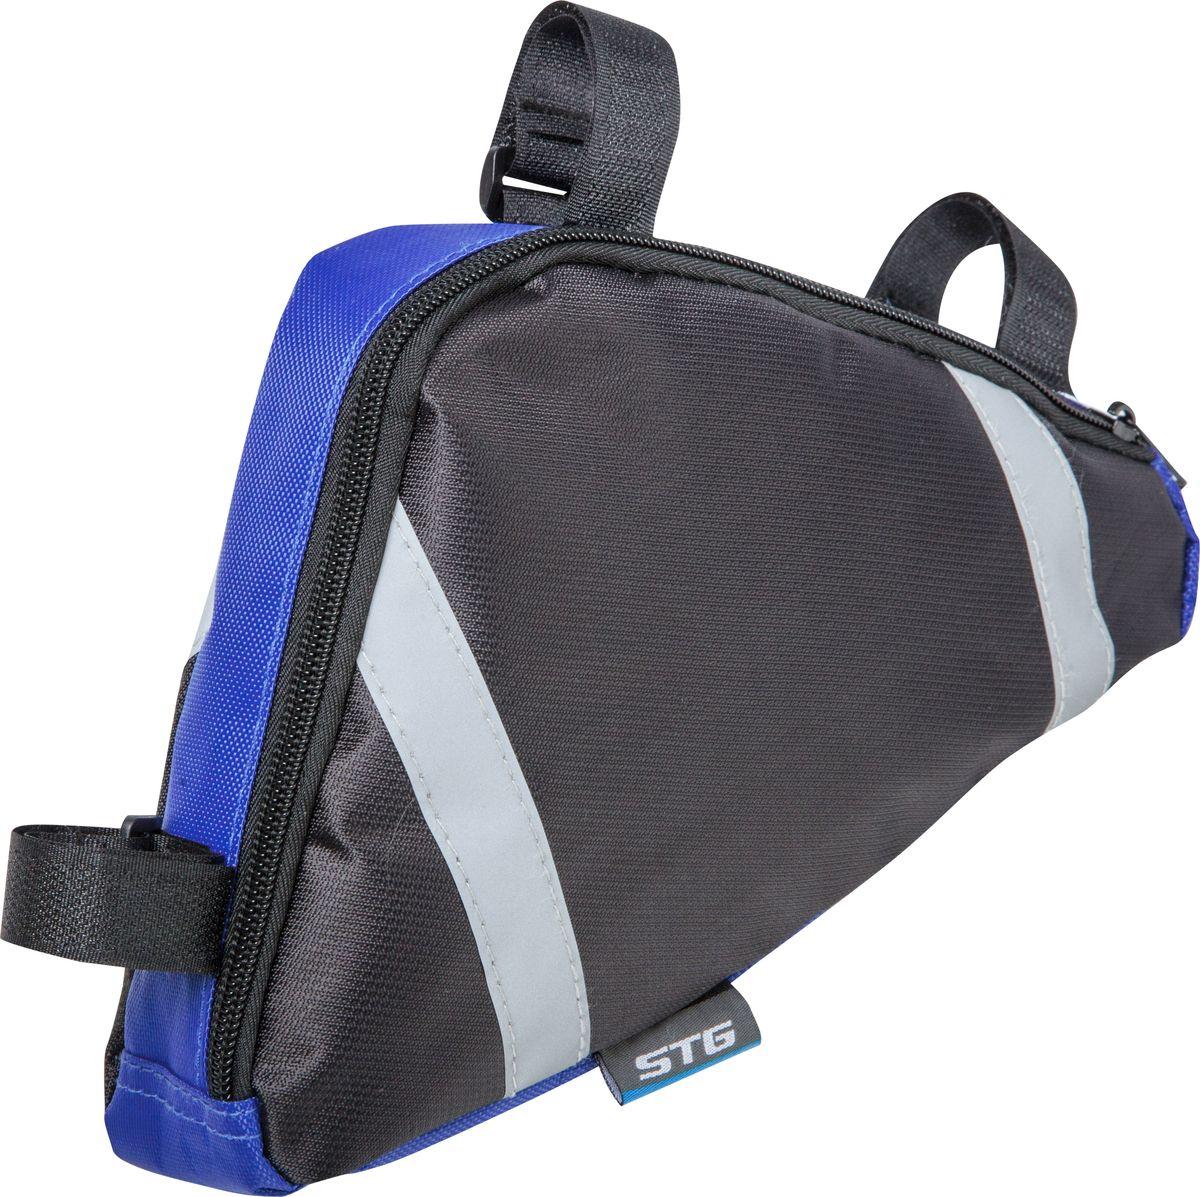 Велосумка STG 12490, под раму, цвет: черный, синий. Х83843Х83843Вместительная треугольная сумка STG 12490 под раму велосипеда позволит всегда иметь под рукой все самые необходимые инструменты во время близких и дальних прогулок.Гид по велоаксессуарам. Статья OZON Гид